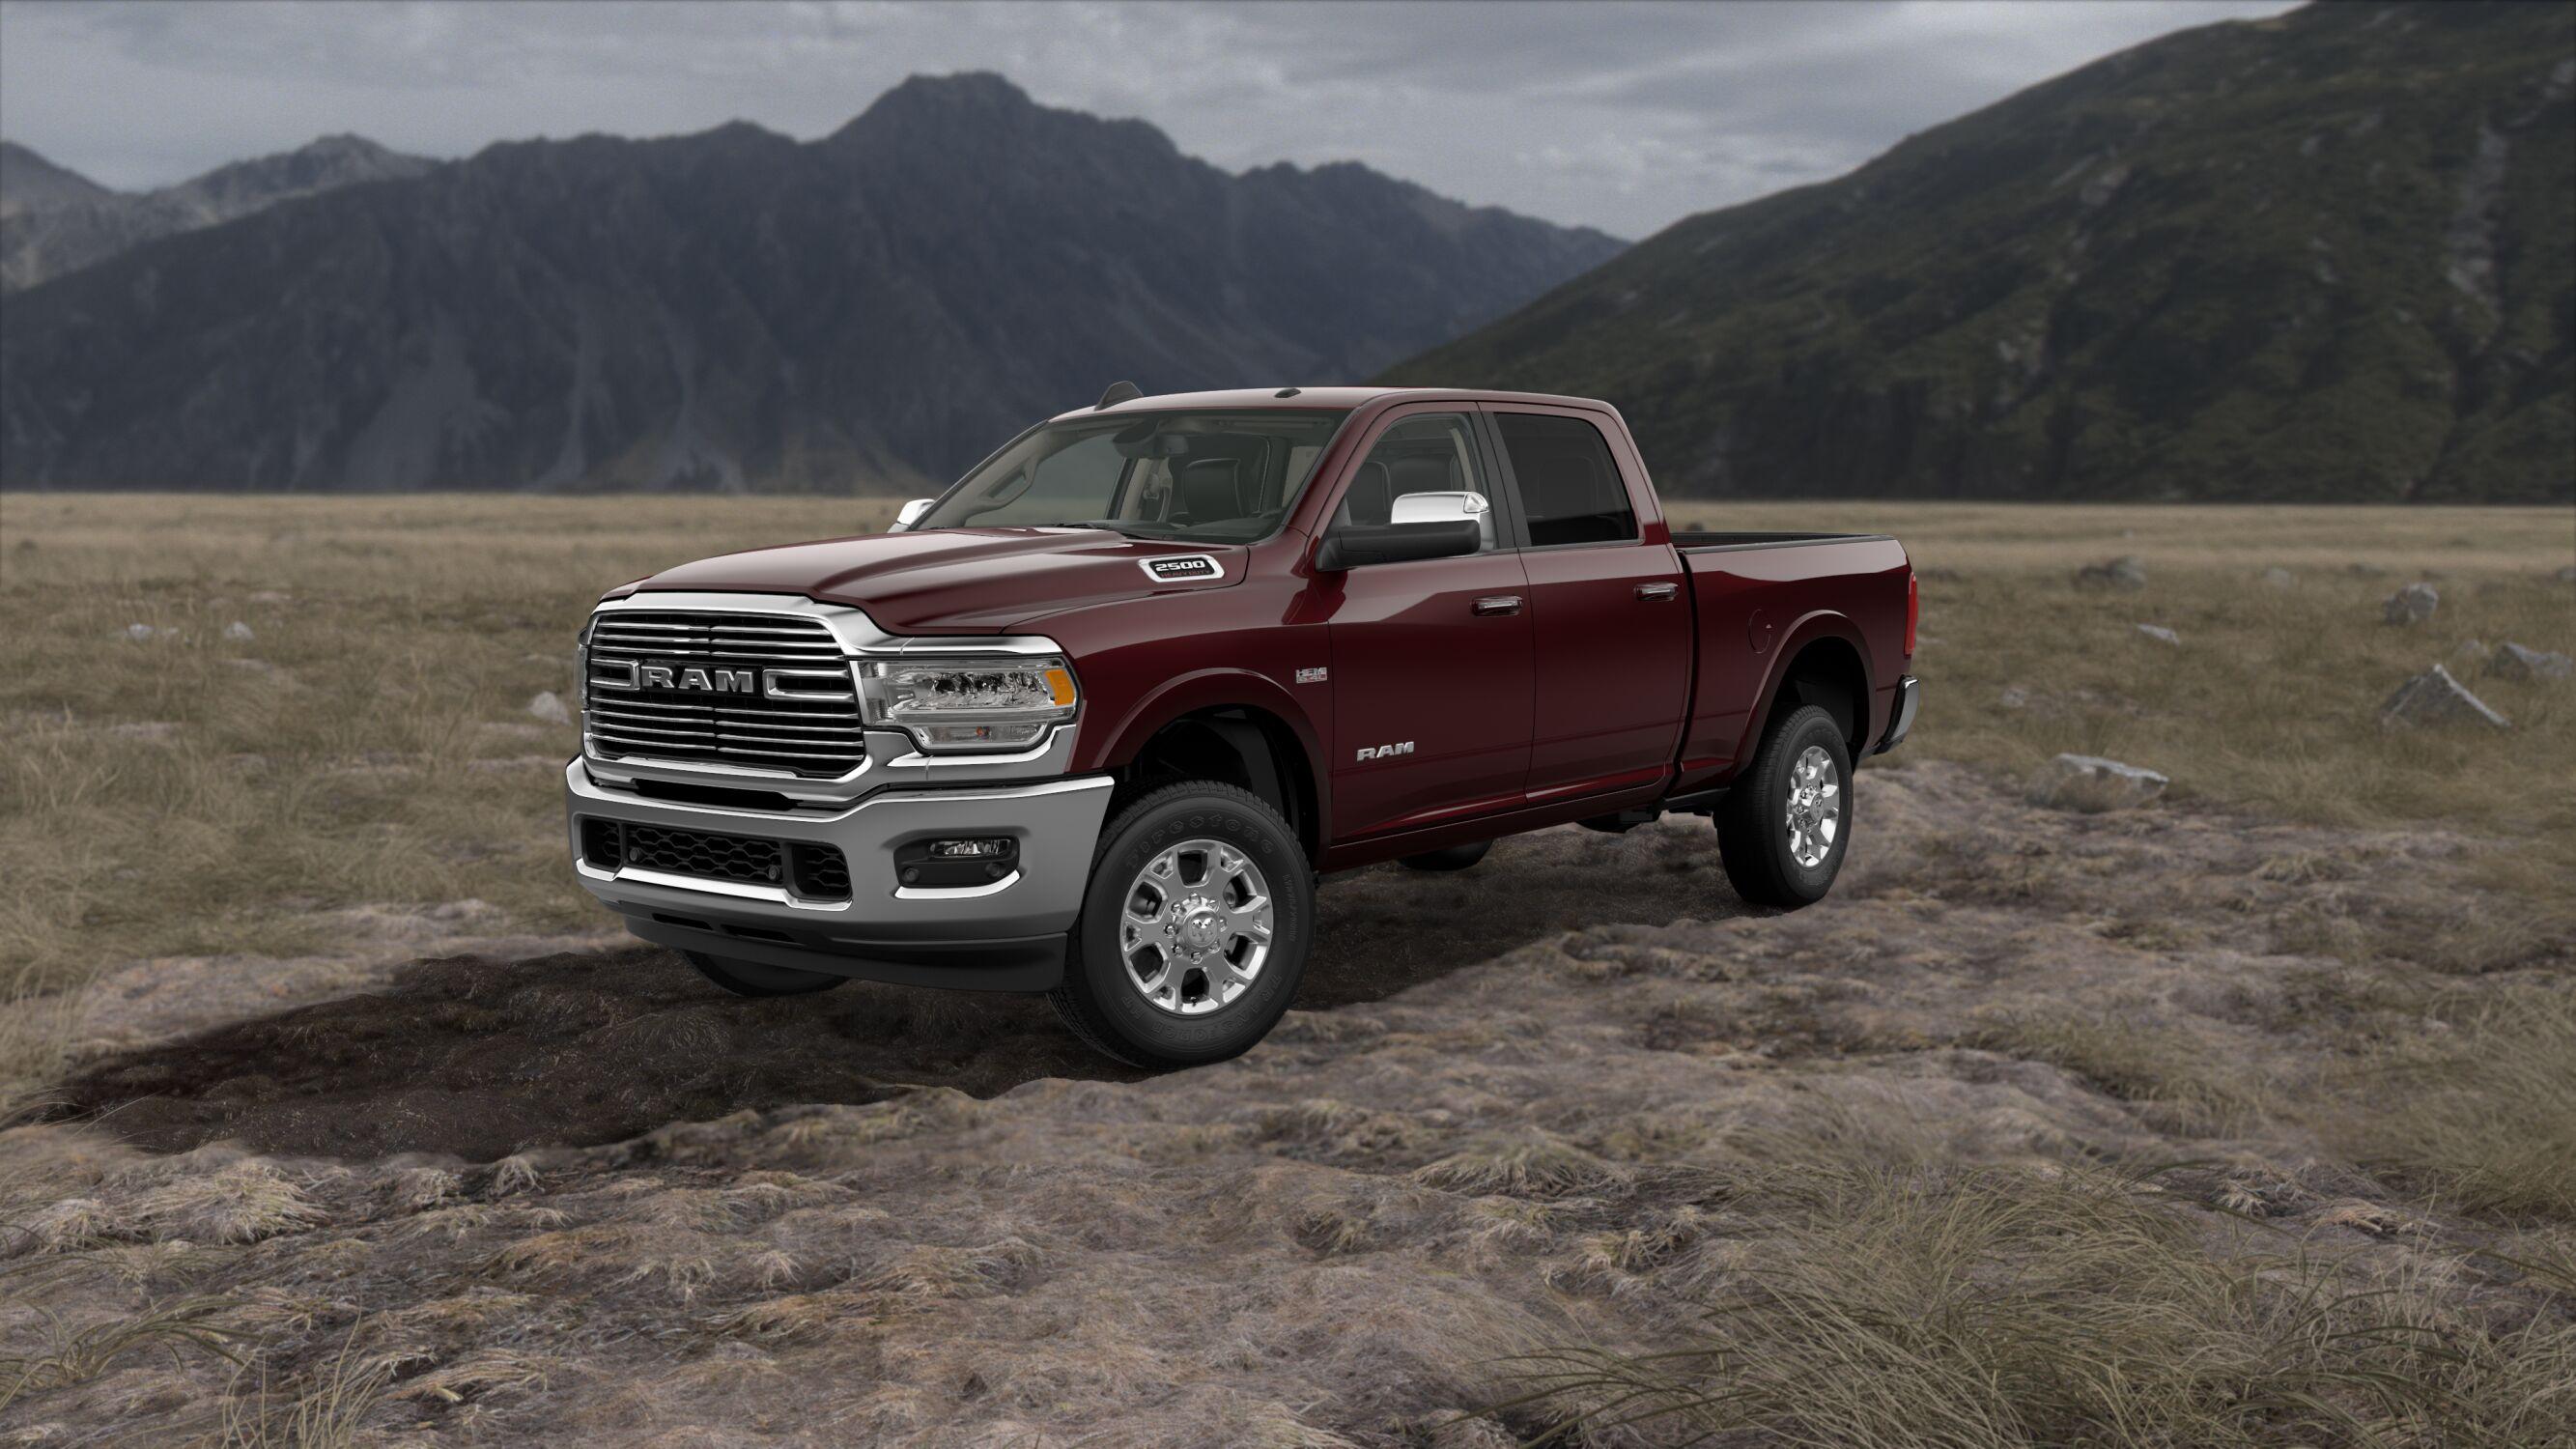 2019 Ram 2500 Laramie Red Exterior Front